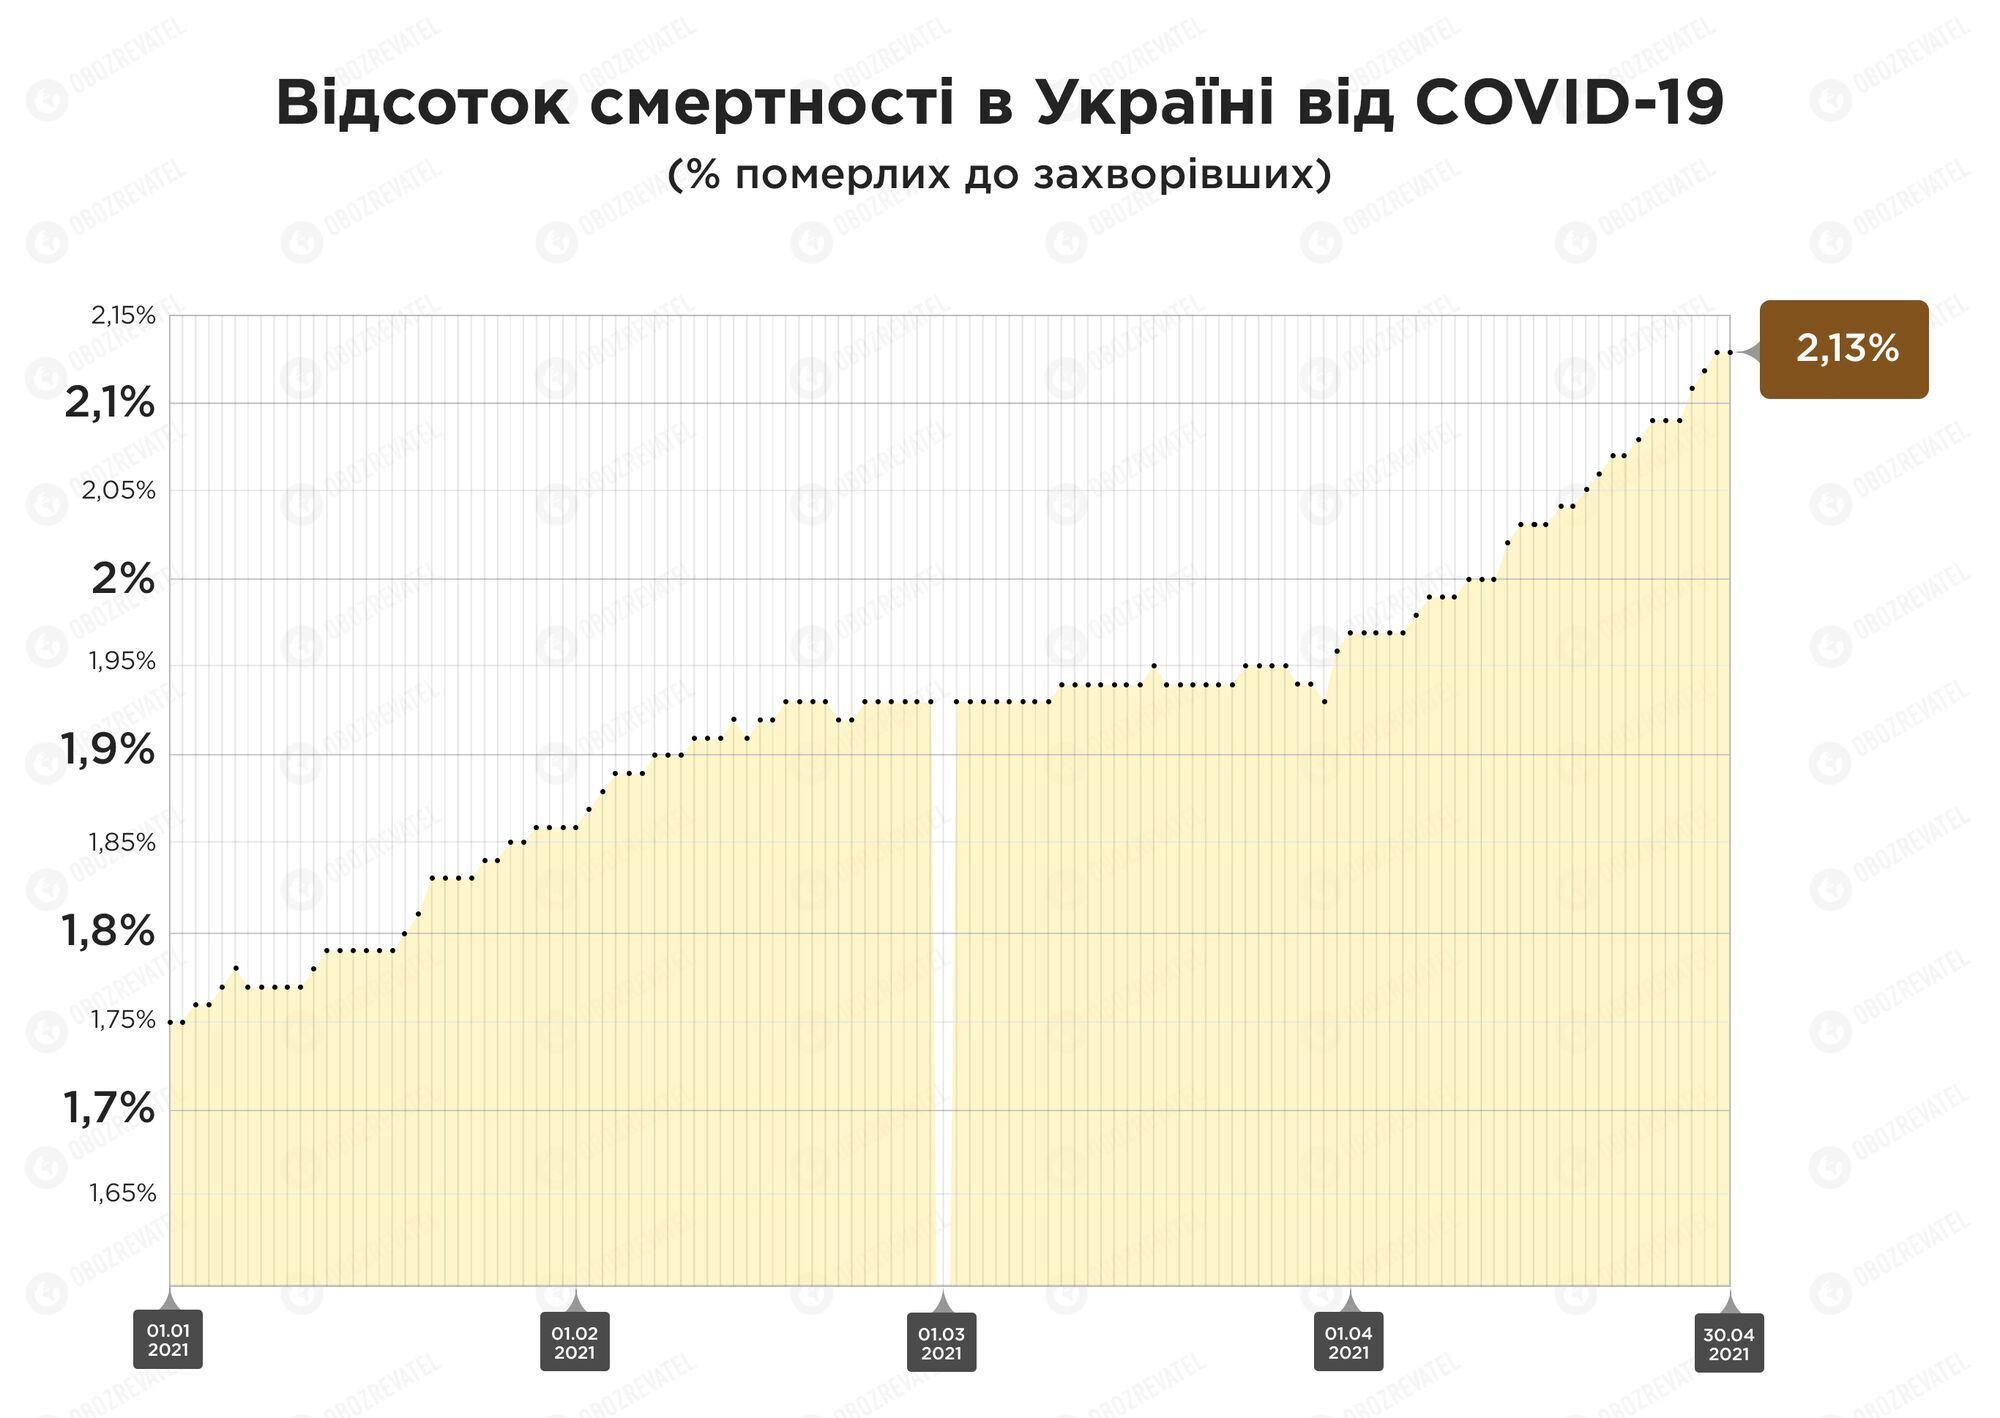 До піку епідемії в Україні показник летальності був на рівні 1,9%, зараз він становить 2,1%